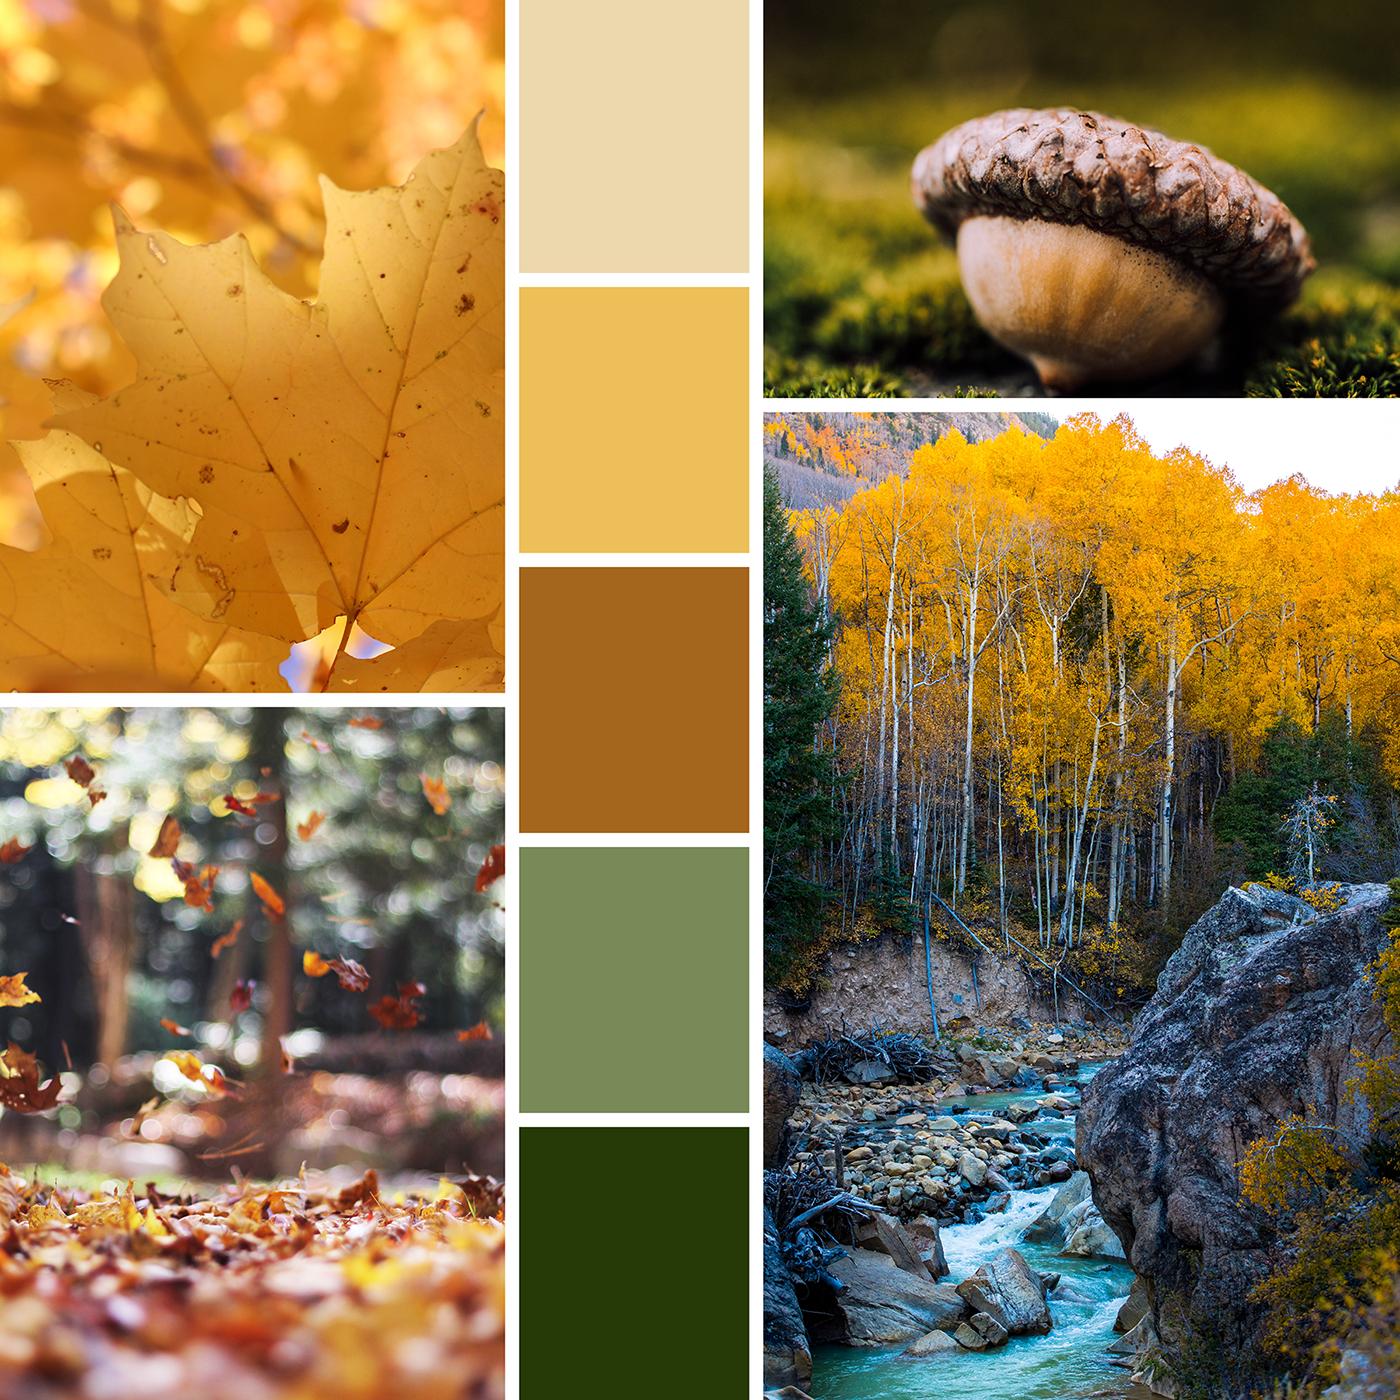 Mood Boards: Falling into Fall  |  Hue & Tone Creative